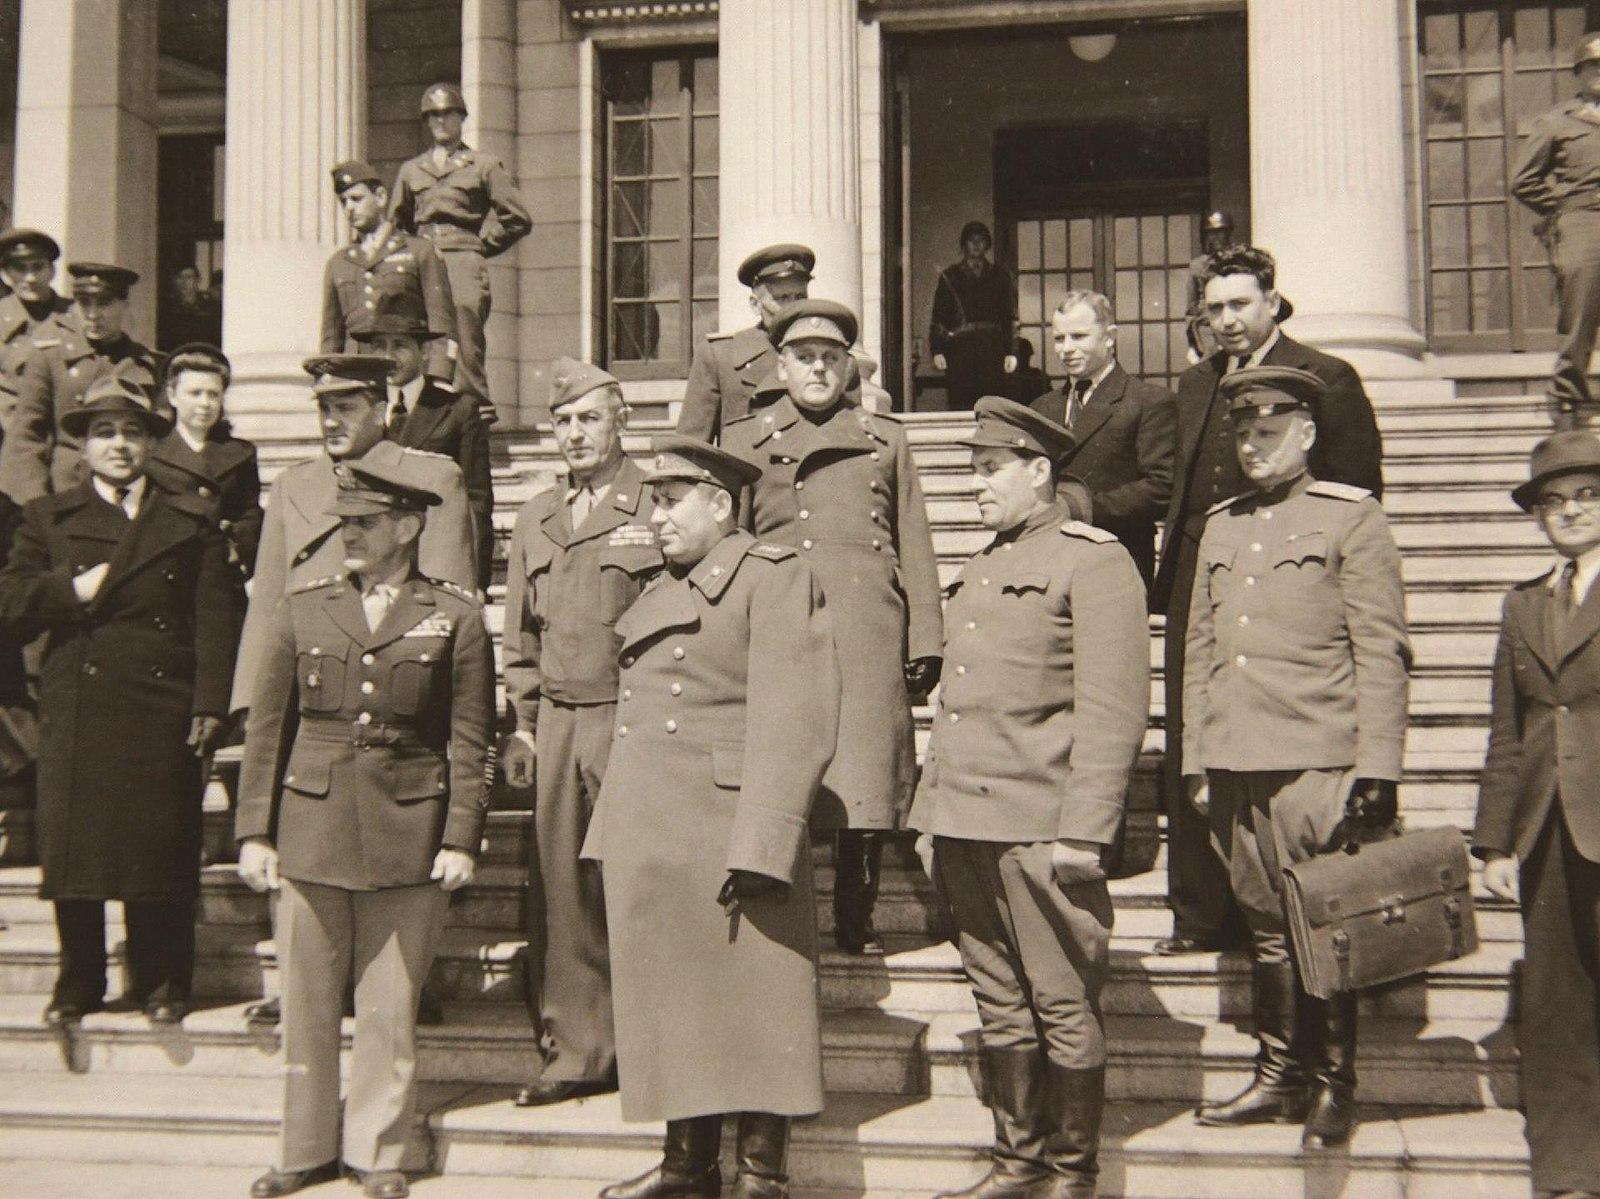 Une délégation americano-soviétique à Séoul en mars 1946 - Histoire - Terminale - SchoolMouv